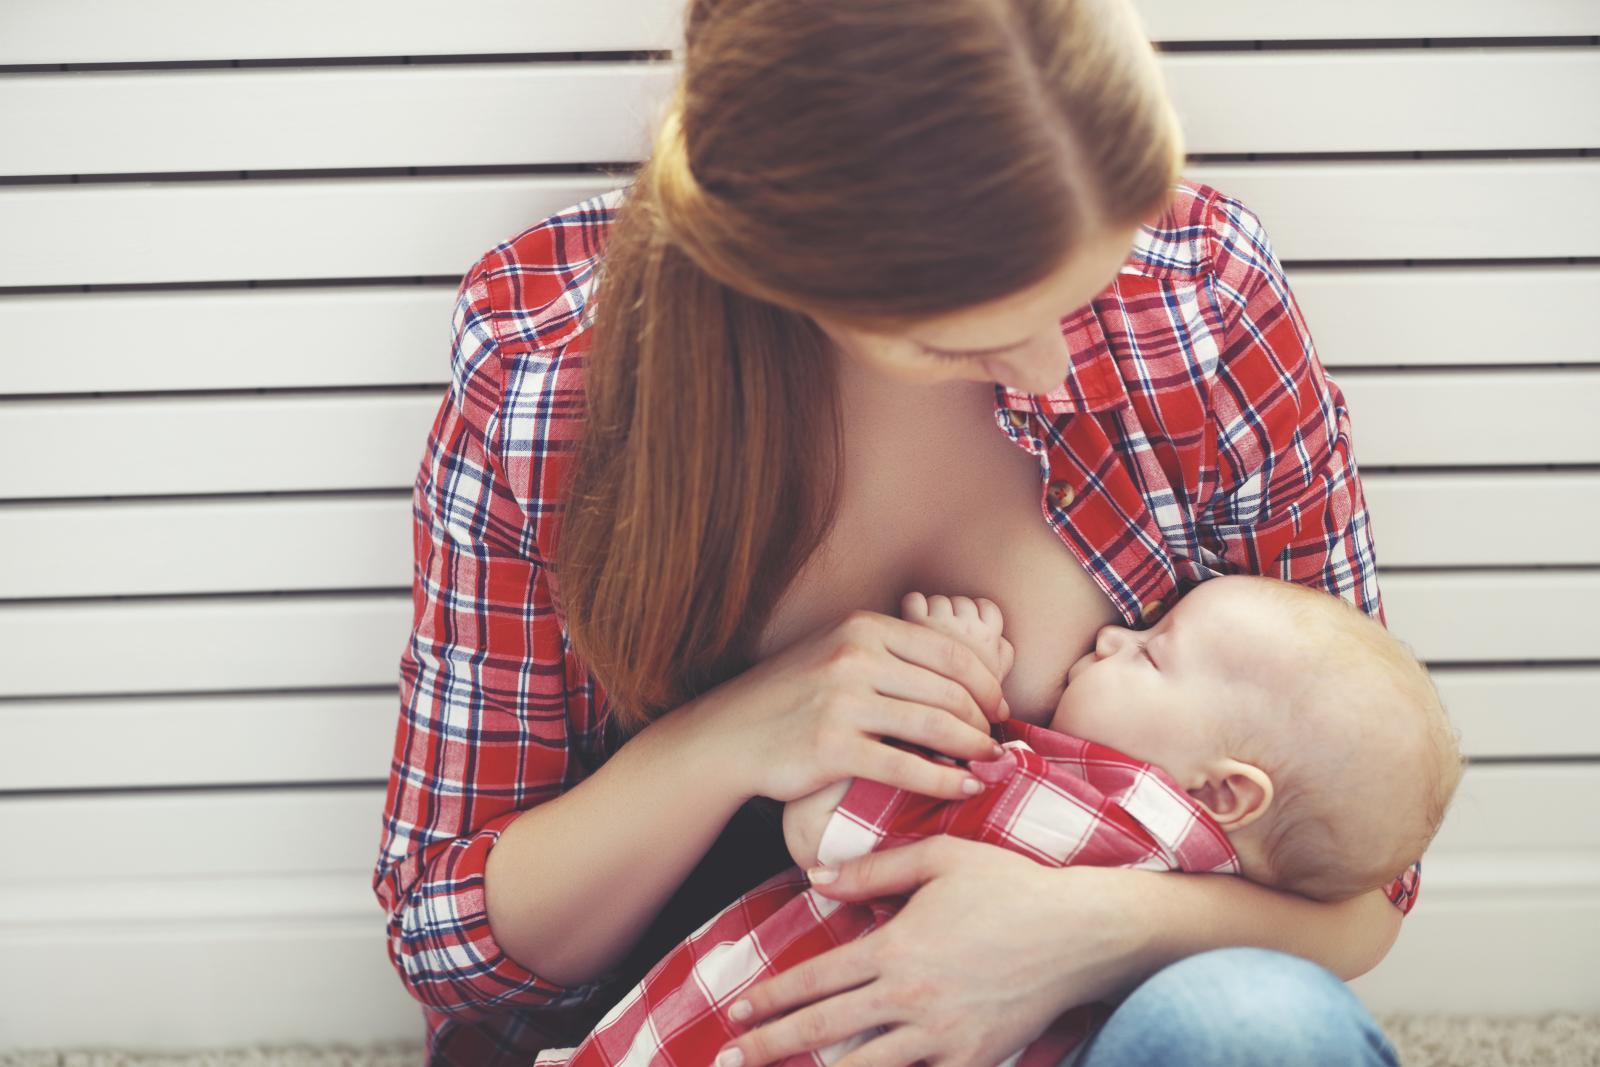 Sve majke koje su dojile tuđu djecu slažu se da osjećaja nelagode nema nego samo sreća što se može pomoći.